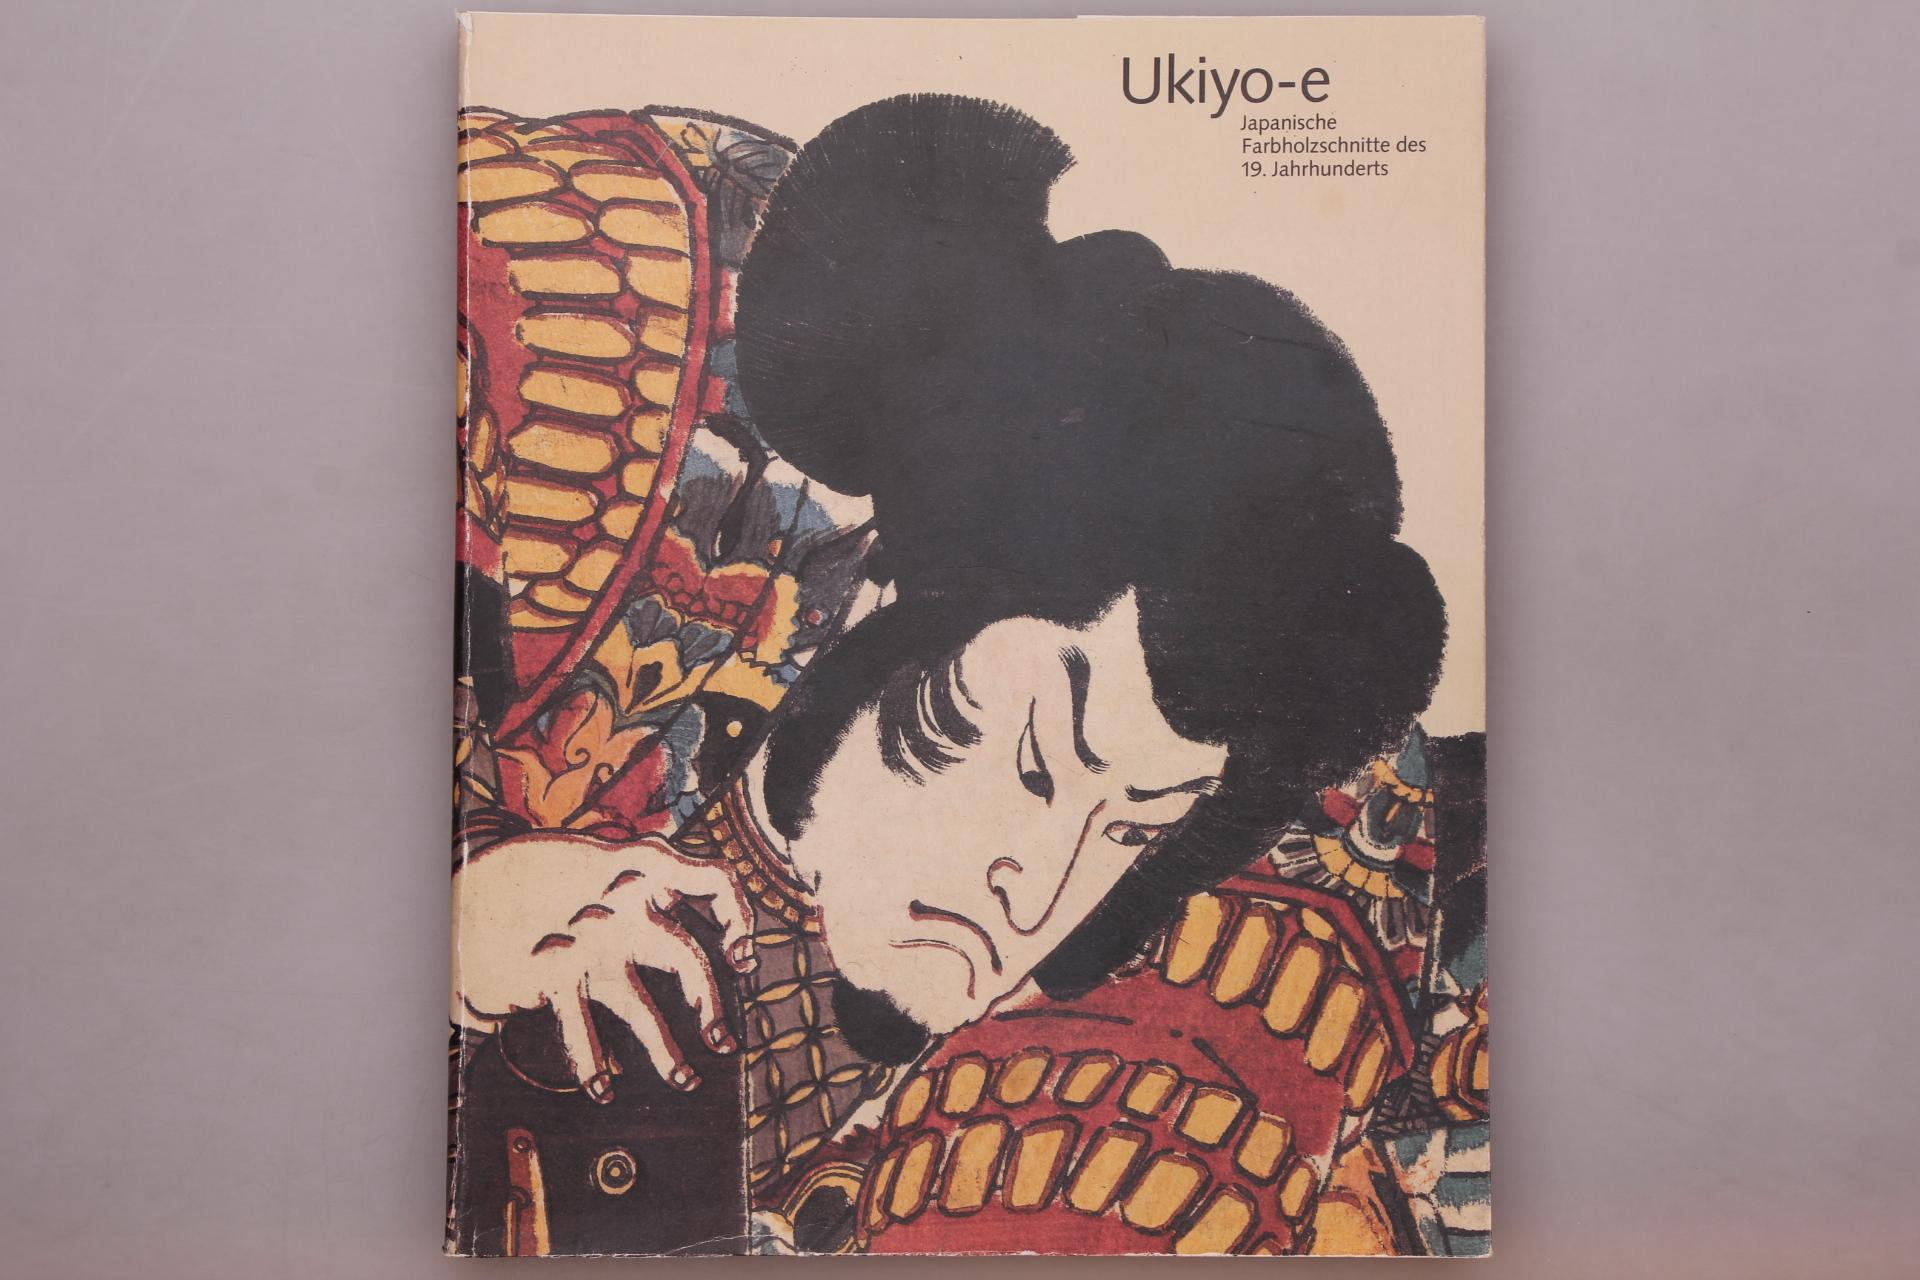 UKIYO-E - JAPANISCHE FARBHOLZSCHNITTE DES 19. JAHRHUNDERTS.: Heckmanns, Friedrich W.